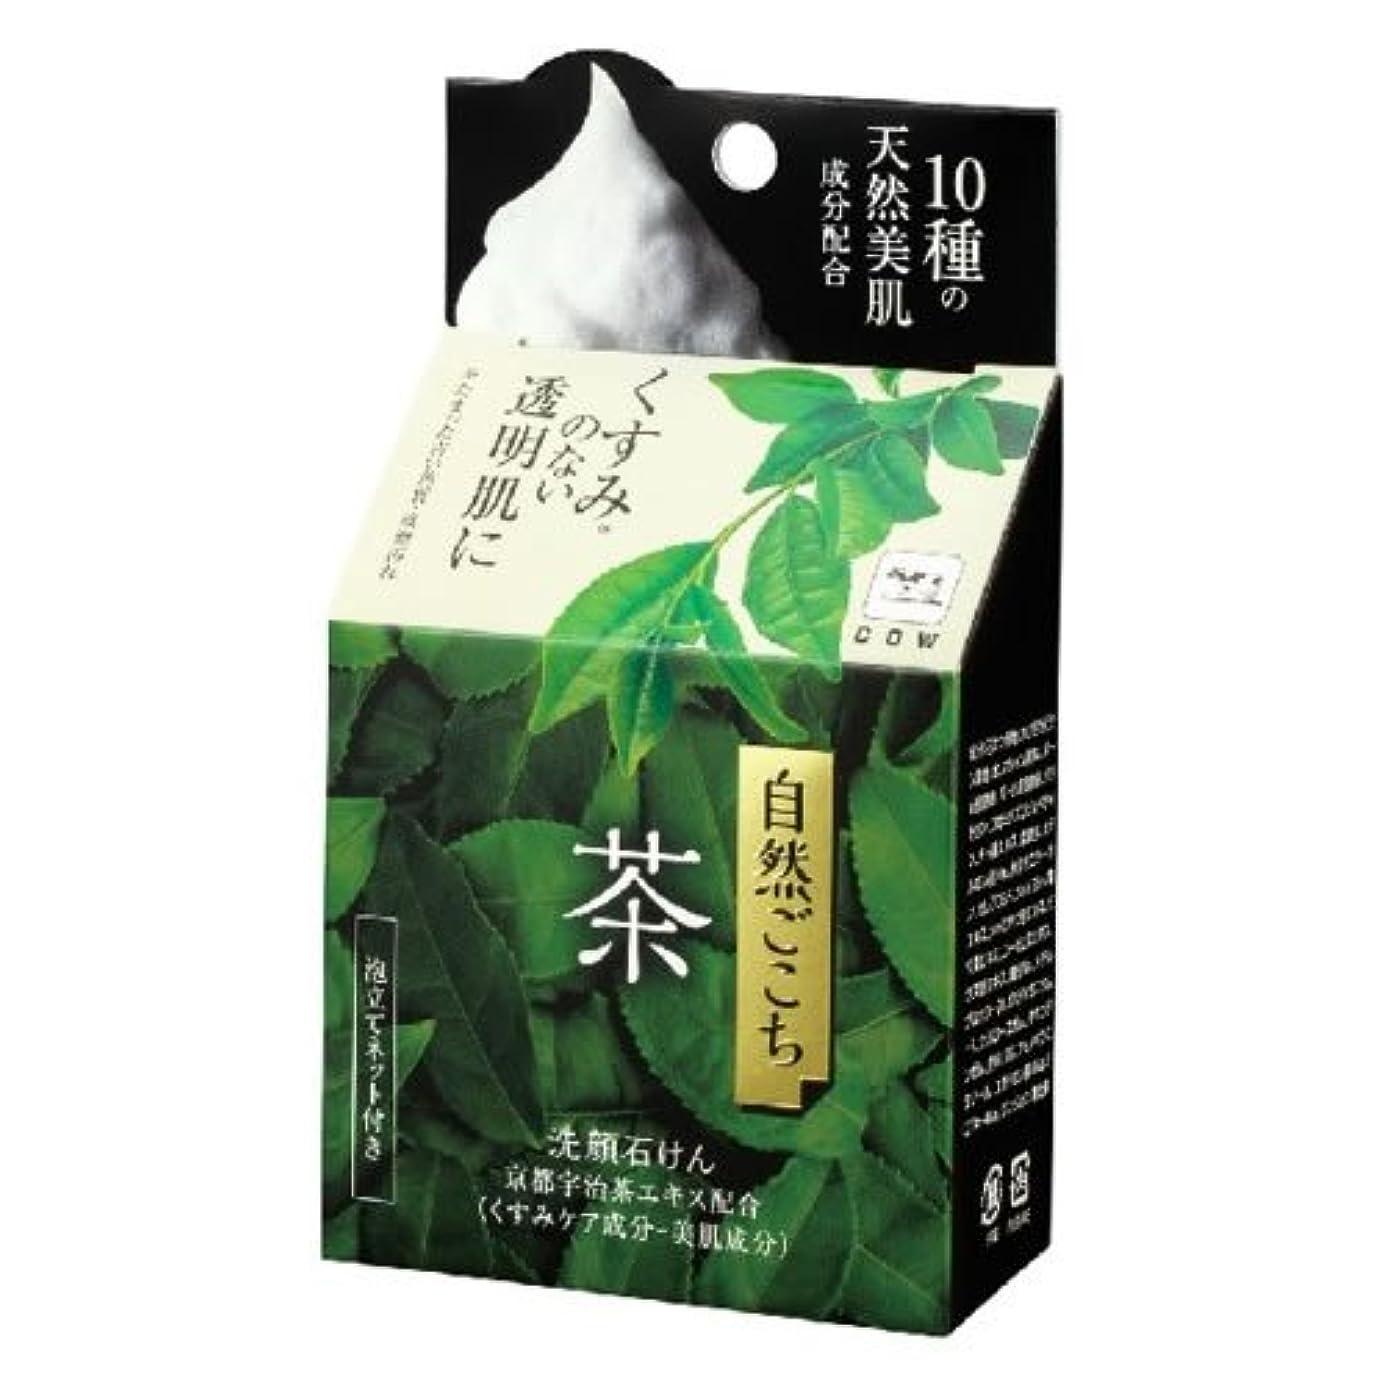 ブレース火曜日薄い牛乳石鹸共進社 自然ごこち 茶 洗顔石けん 80g (お茶エキス配合洗顔せっけん) ×48点セット (4901525002288)